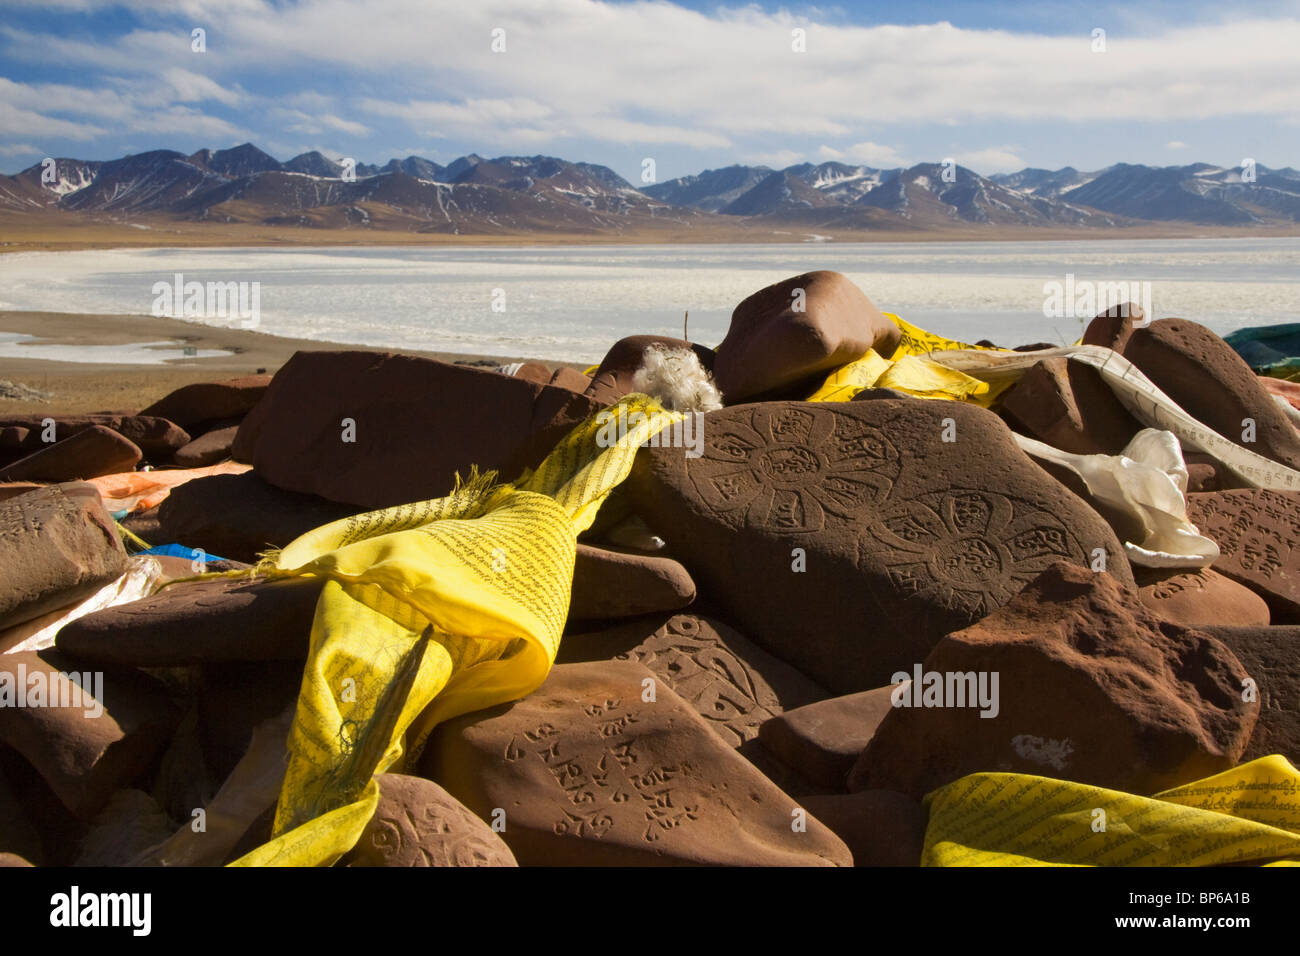 Preghiera tibetano bandiere abbraccio il sanscrito pietre incise sul bordo del lago Namsto, Tibet. Immagini Stock